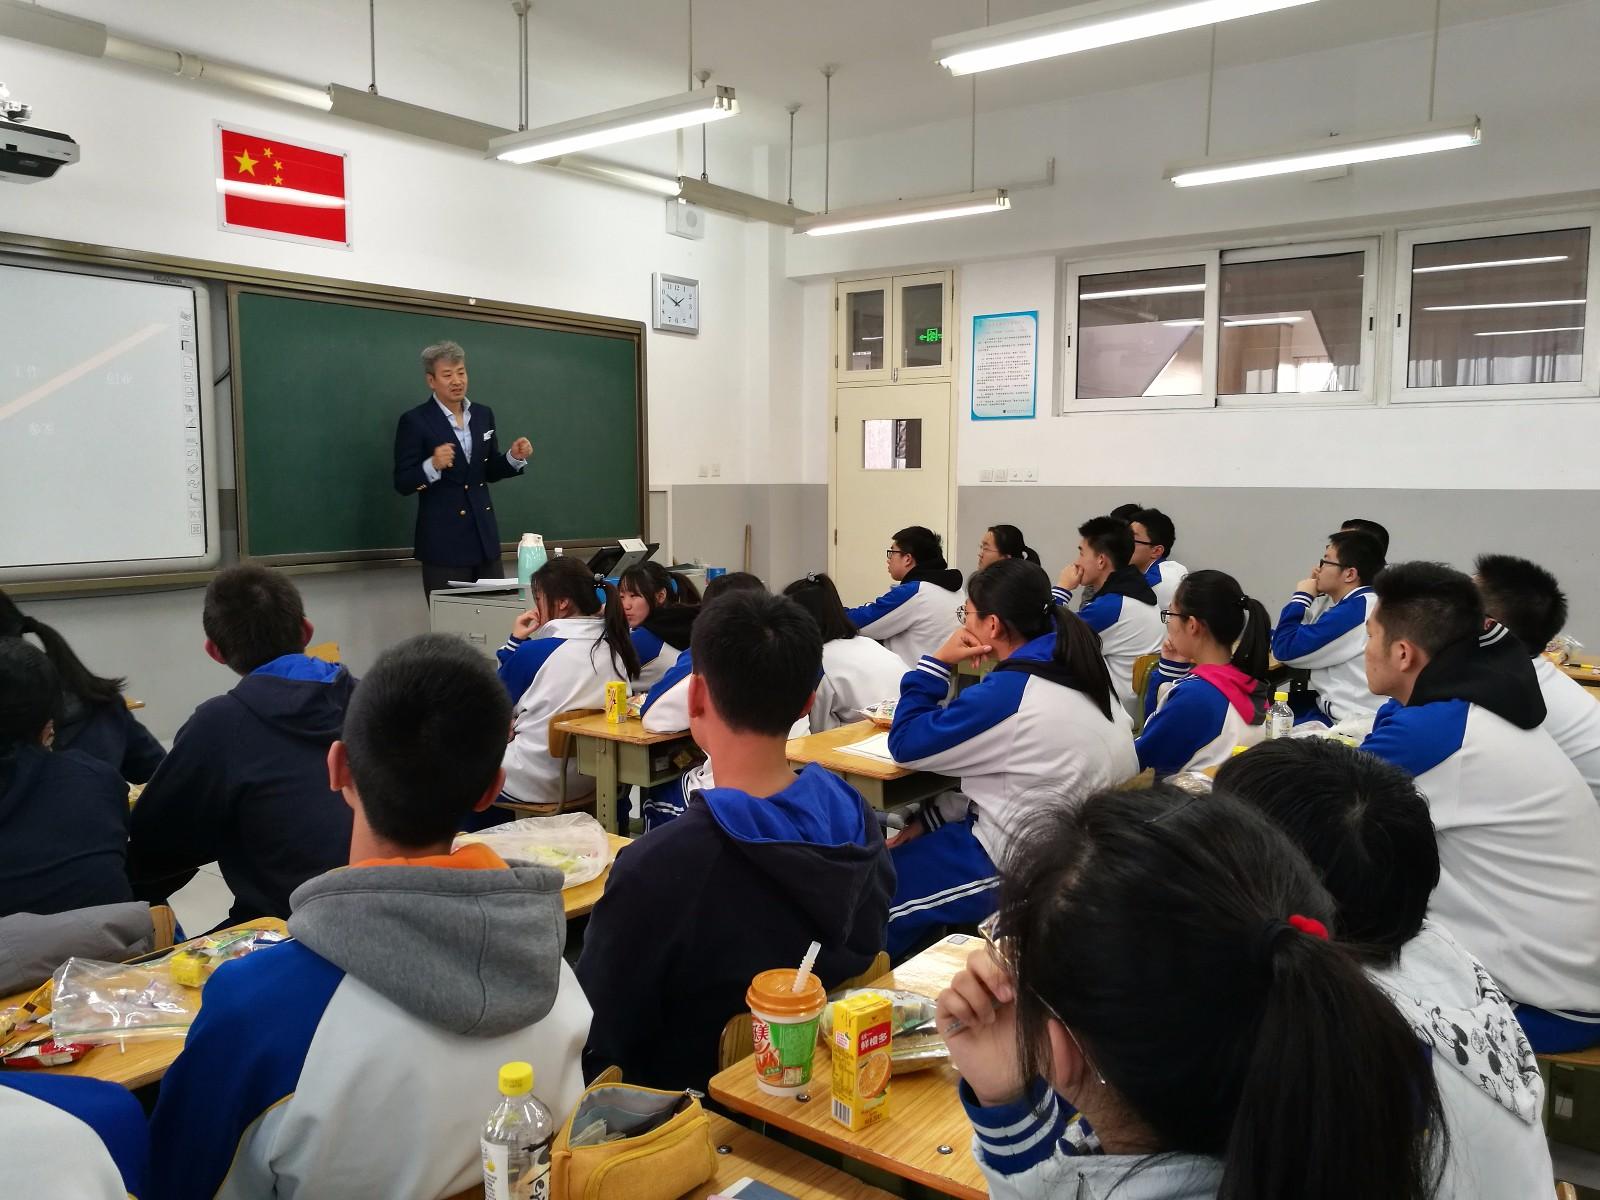 张经纬先生和学生分享会.jpg